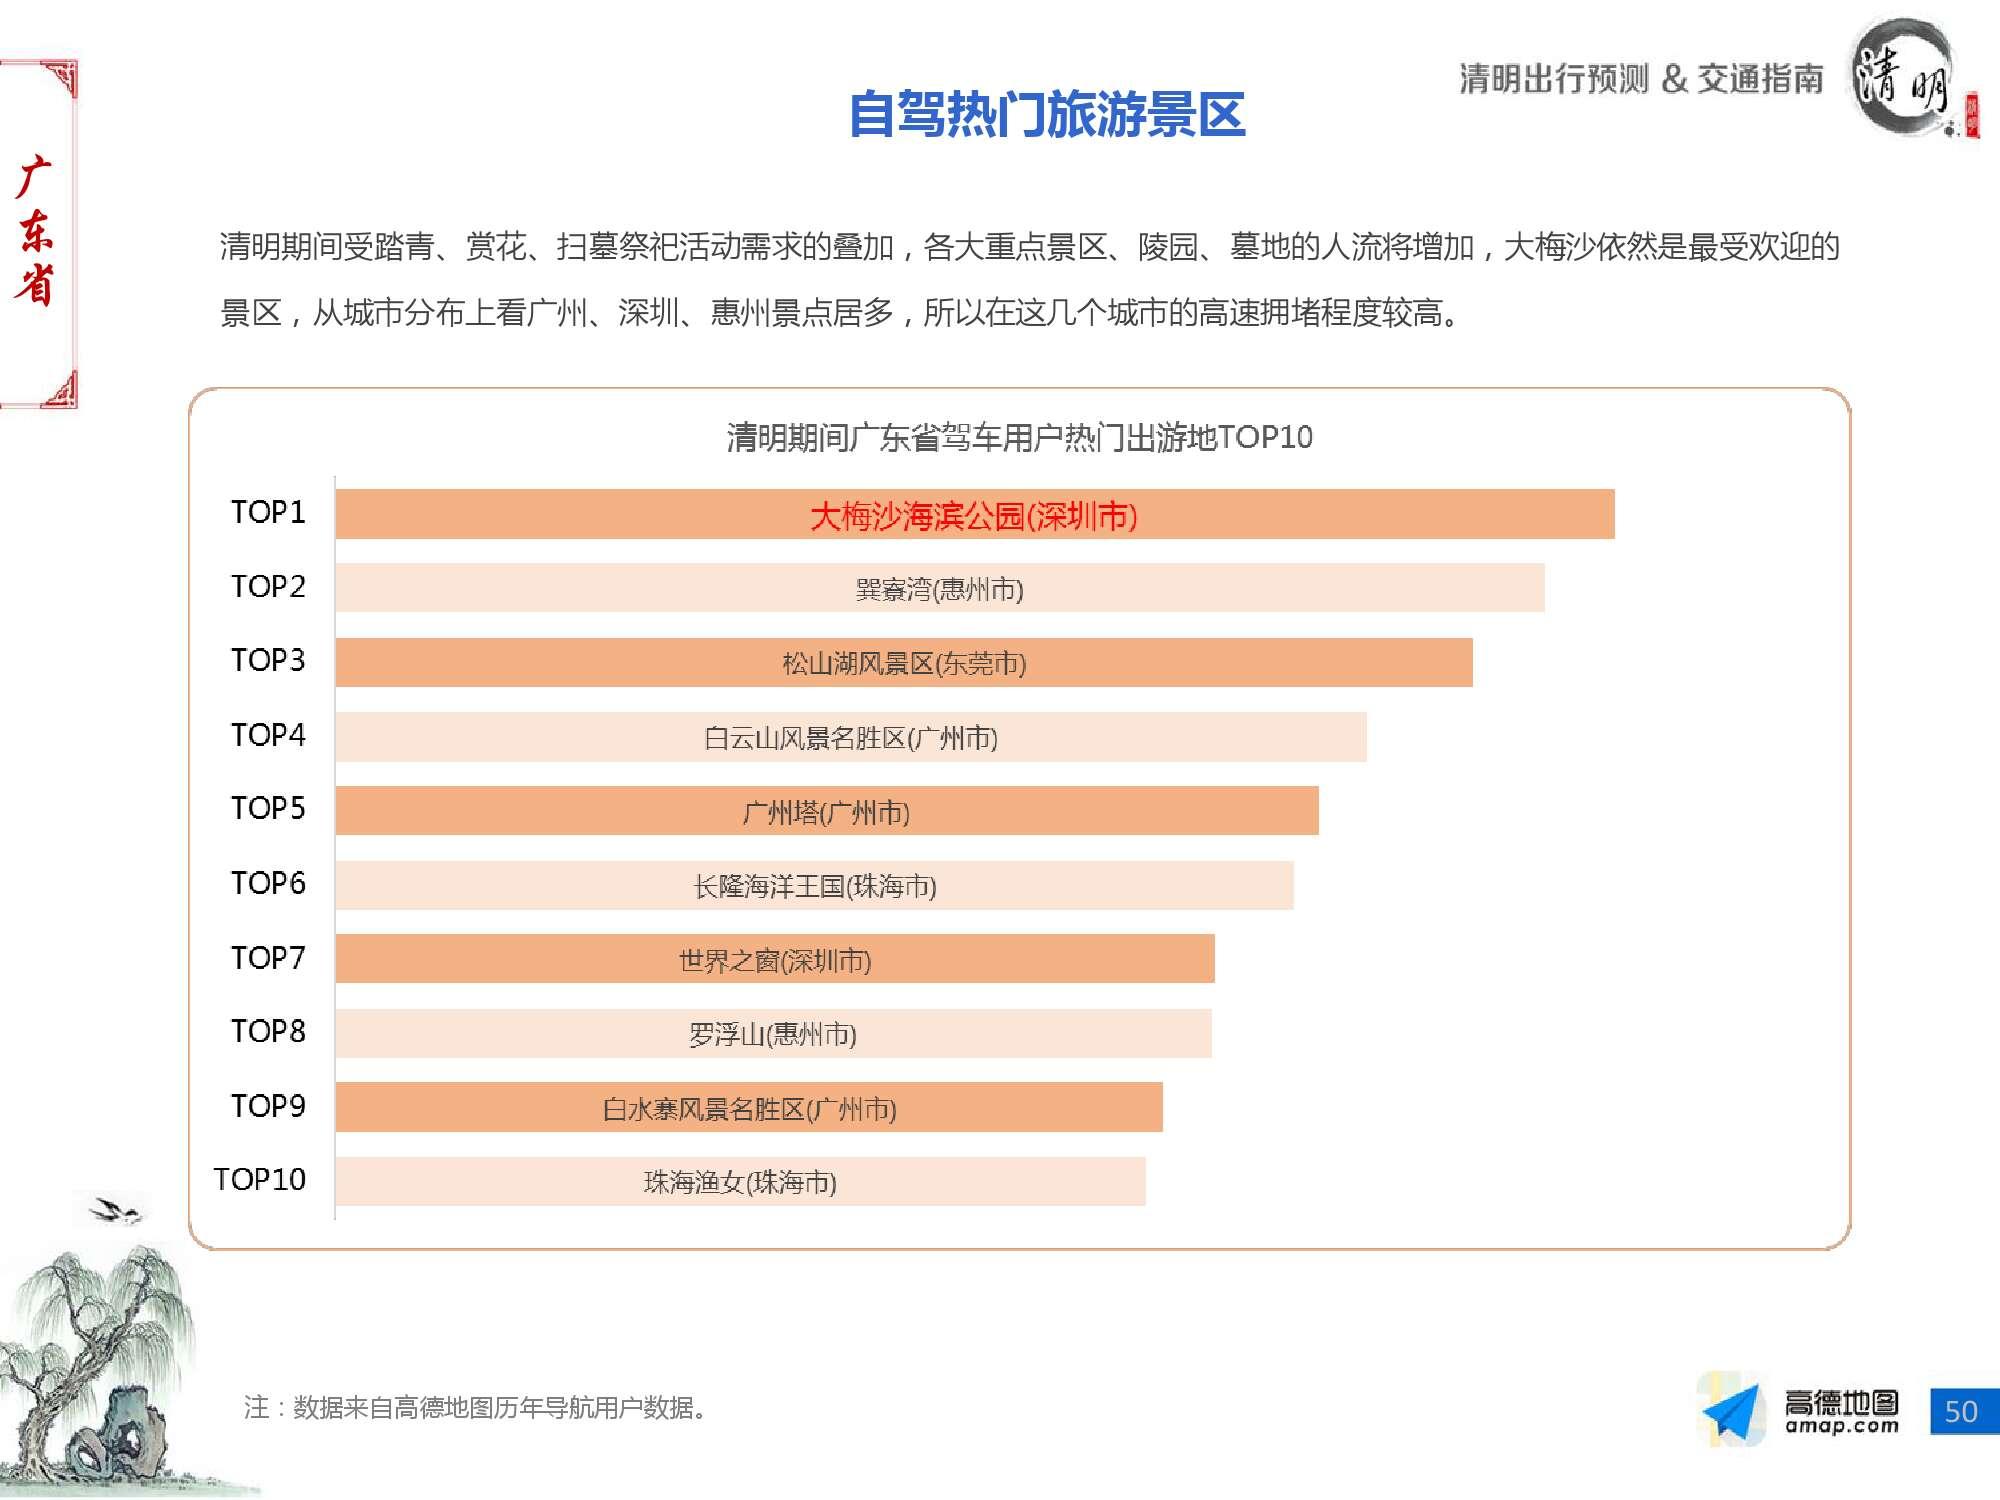 2016年清明节出行预测报告-final_000050